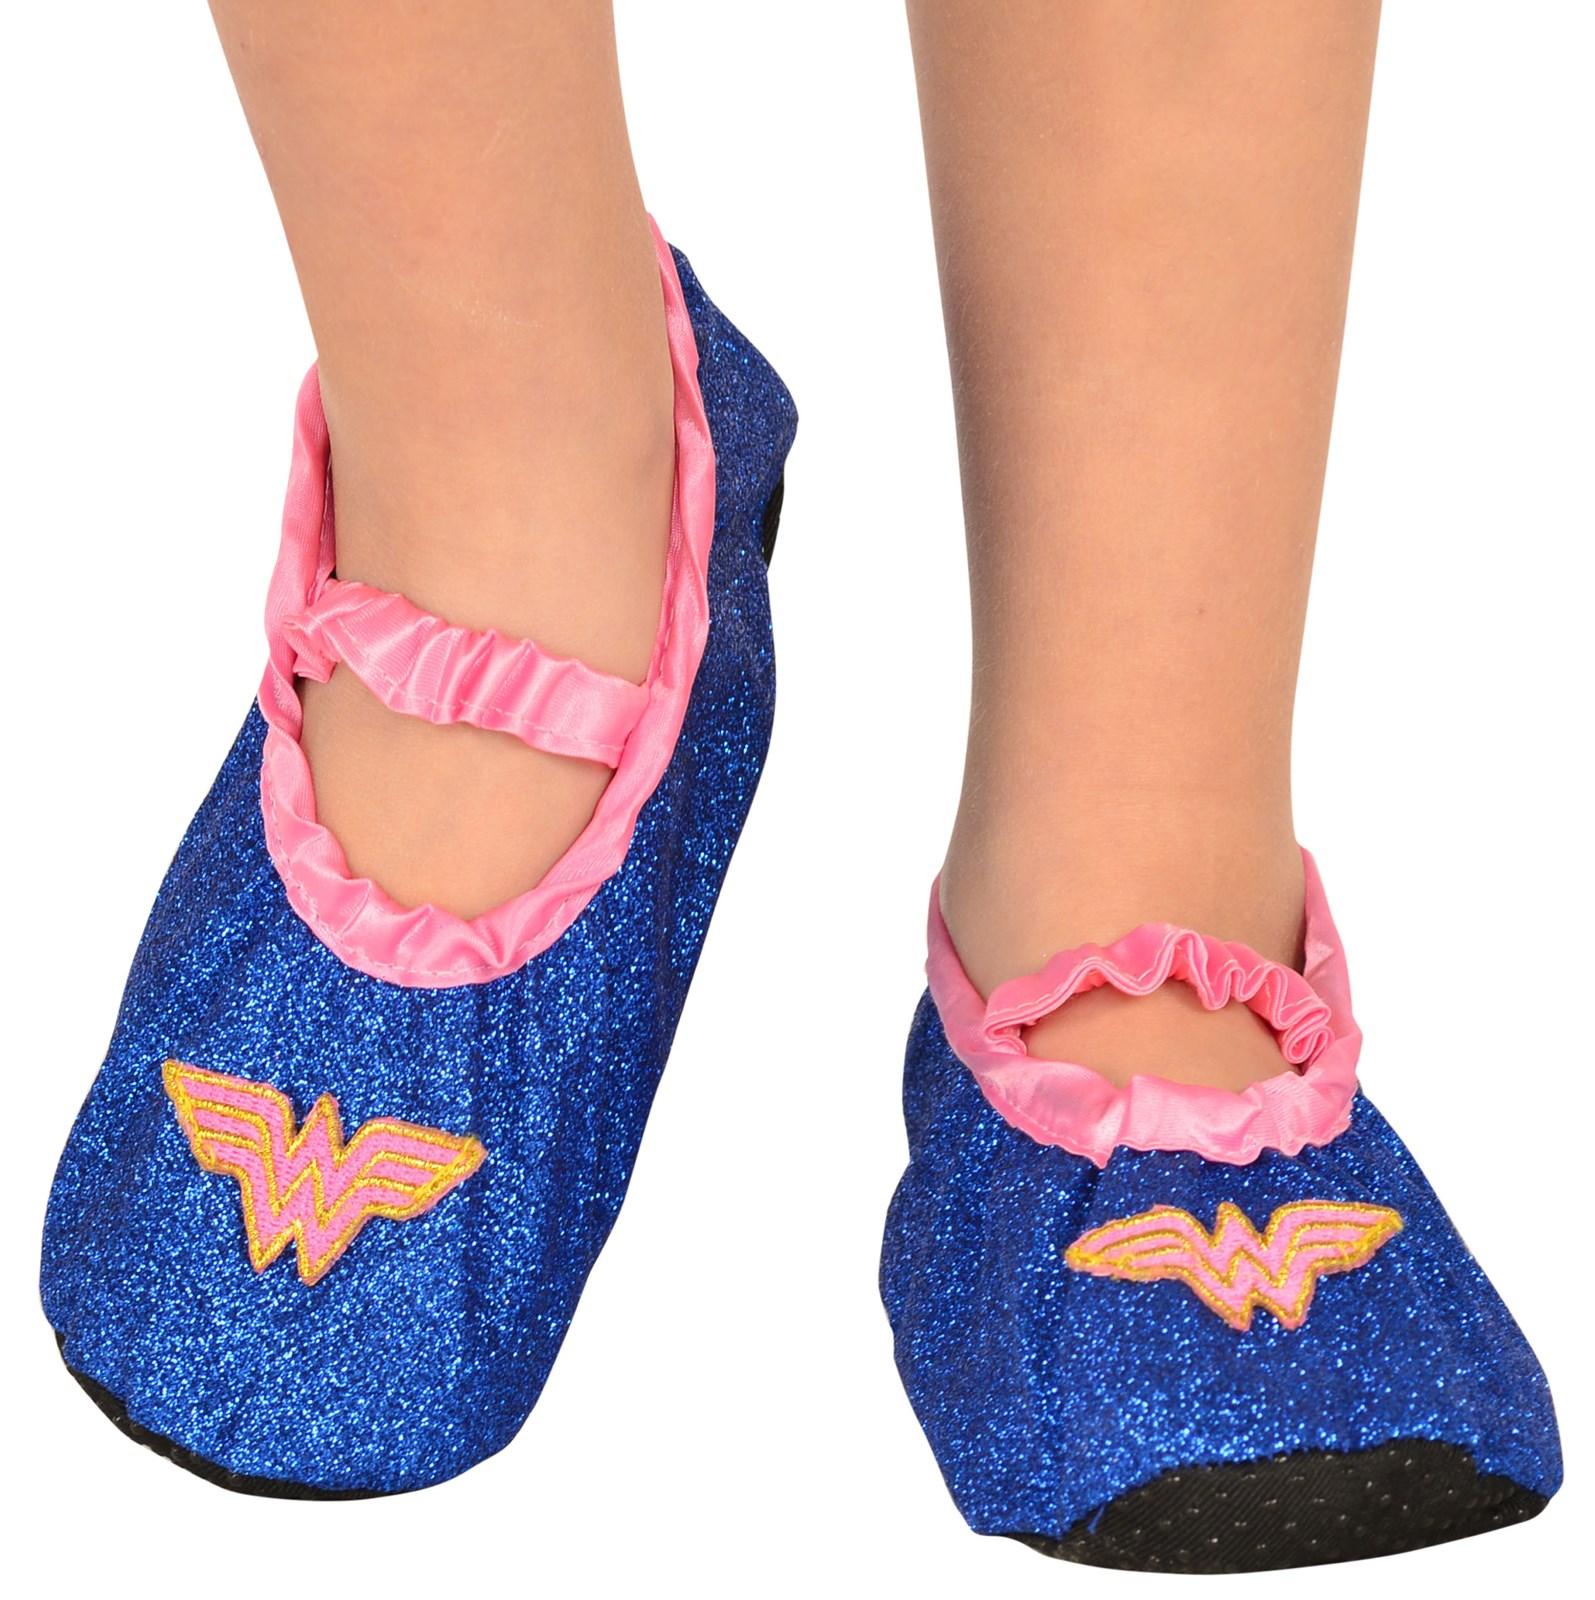 Wonder Woman - Glitter Slipper Shoes For Girls